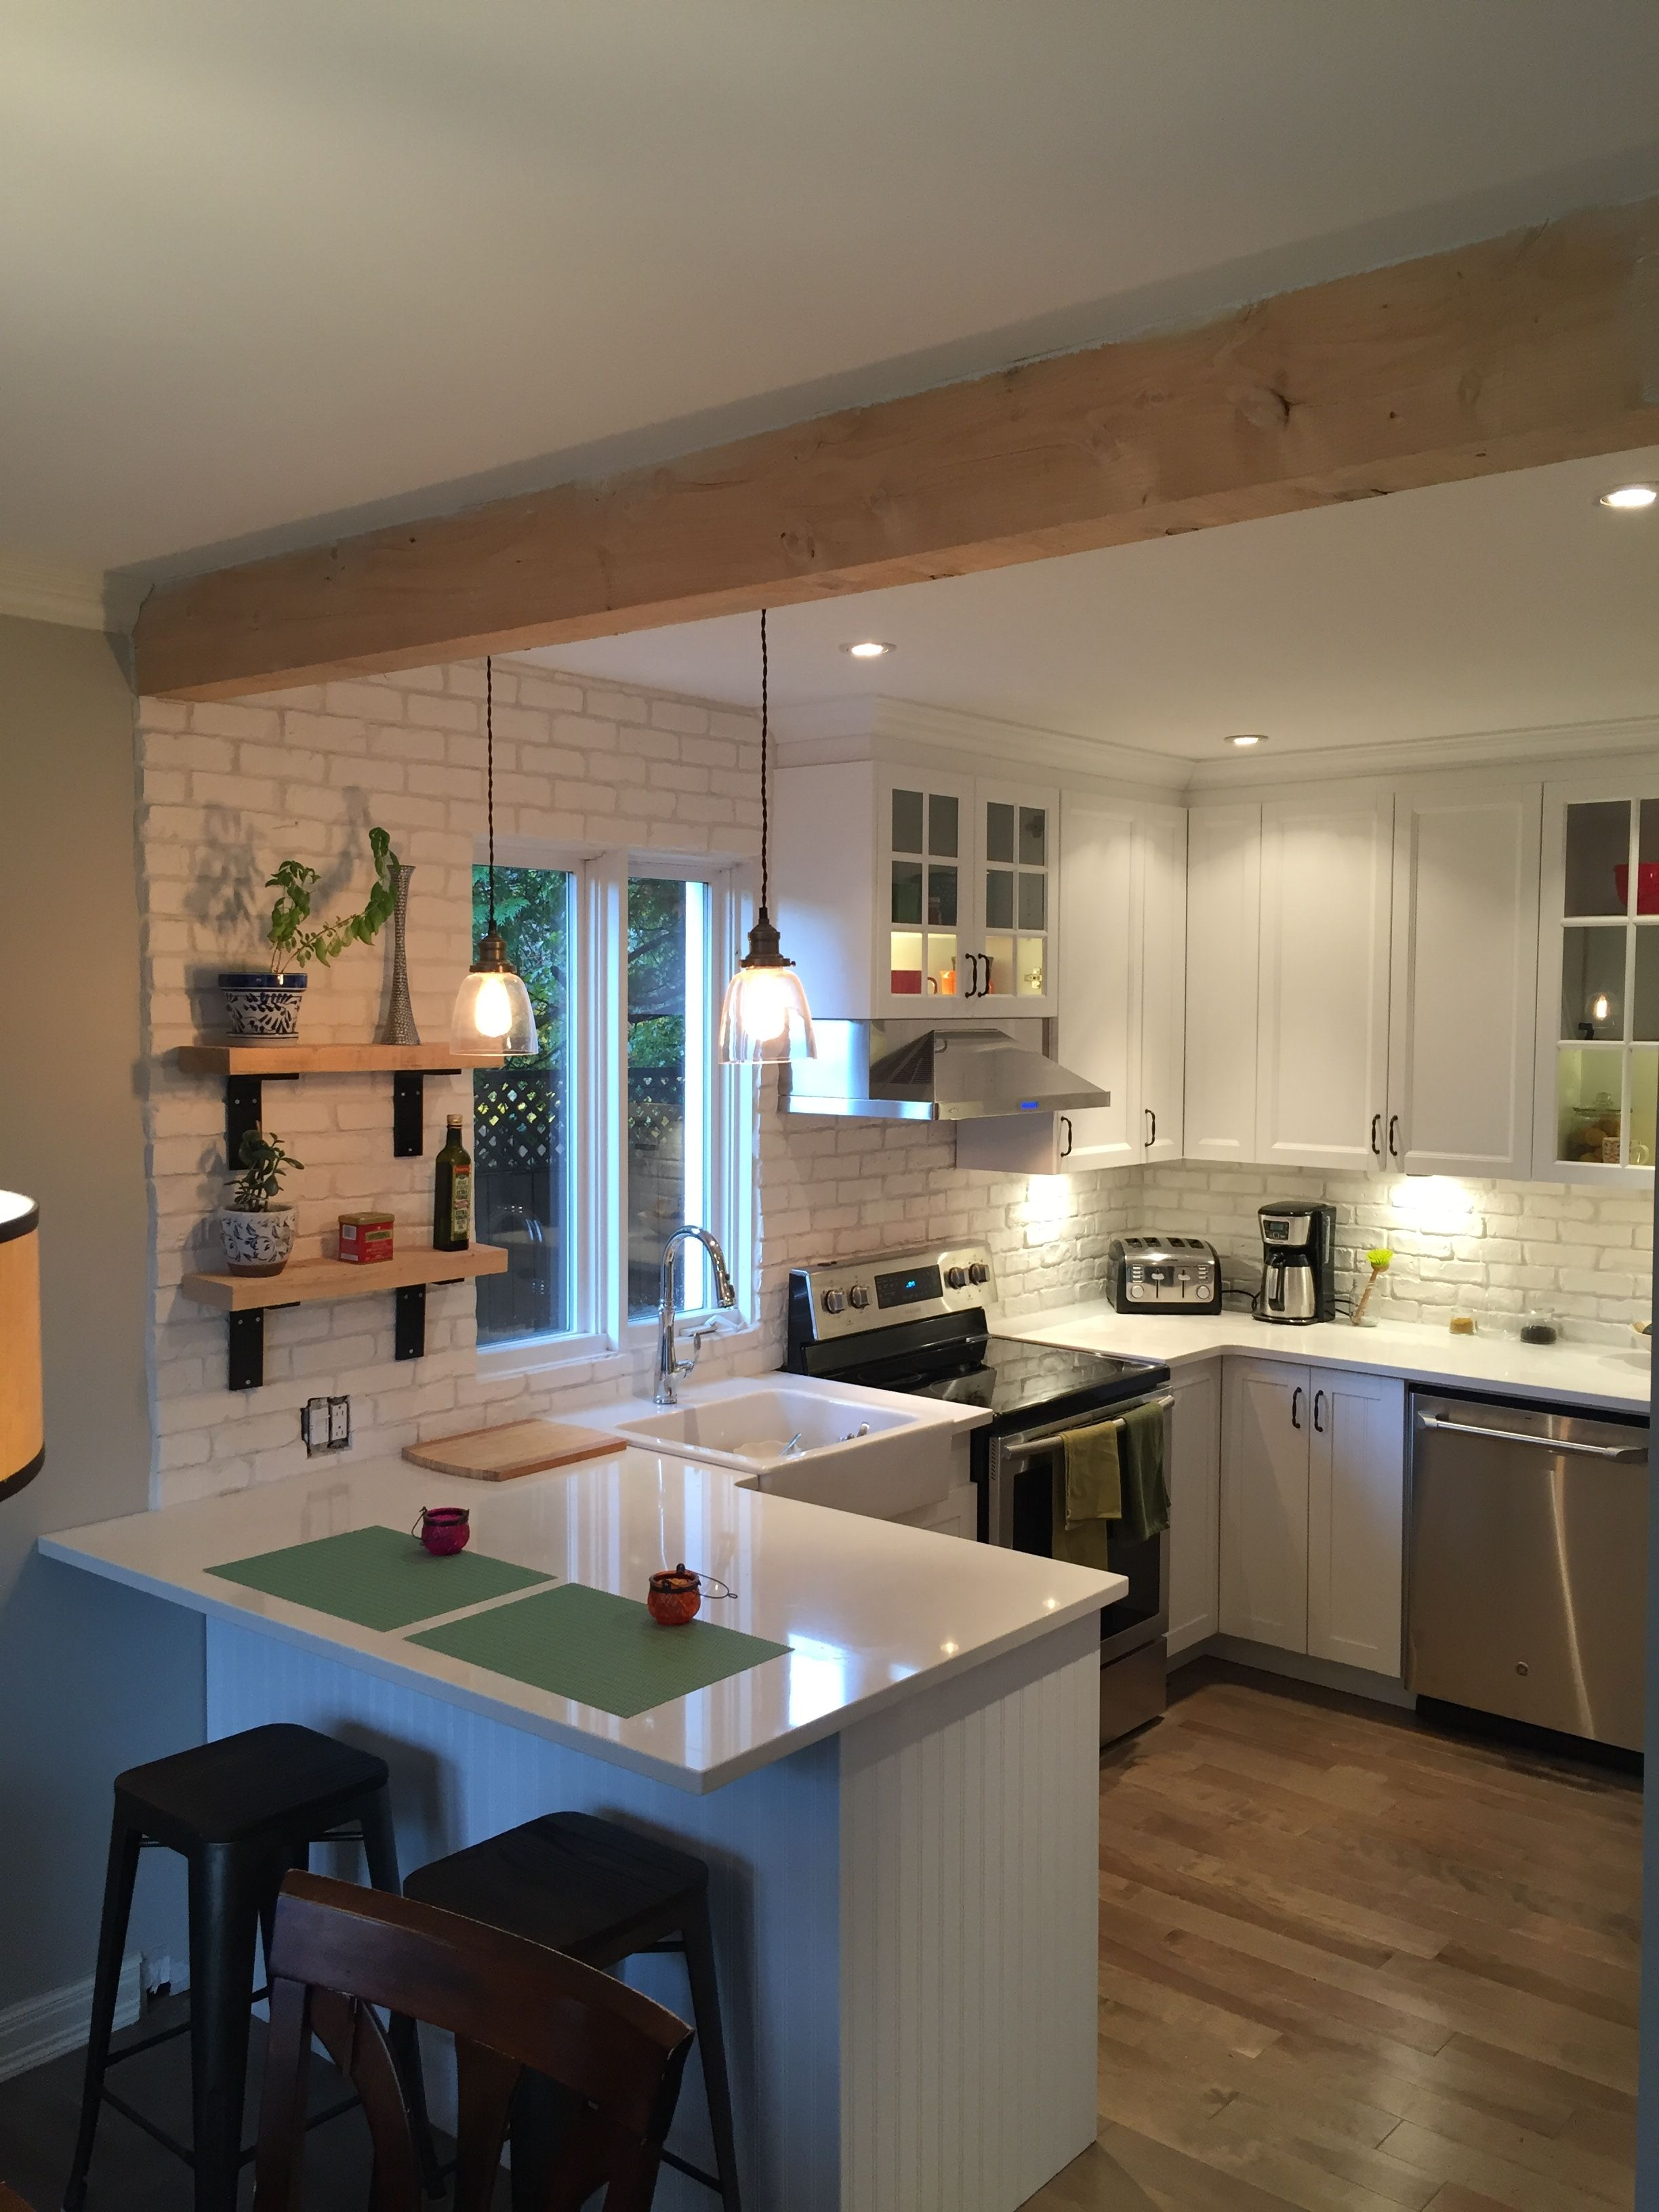 ne sous estimez pas le potentiel de votre cuisine pensez refacing d tails du projet. Black Bedroom Furniture Sets. Home Design Ideas